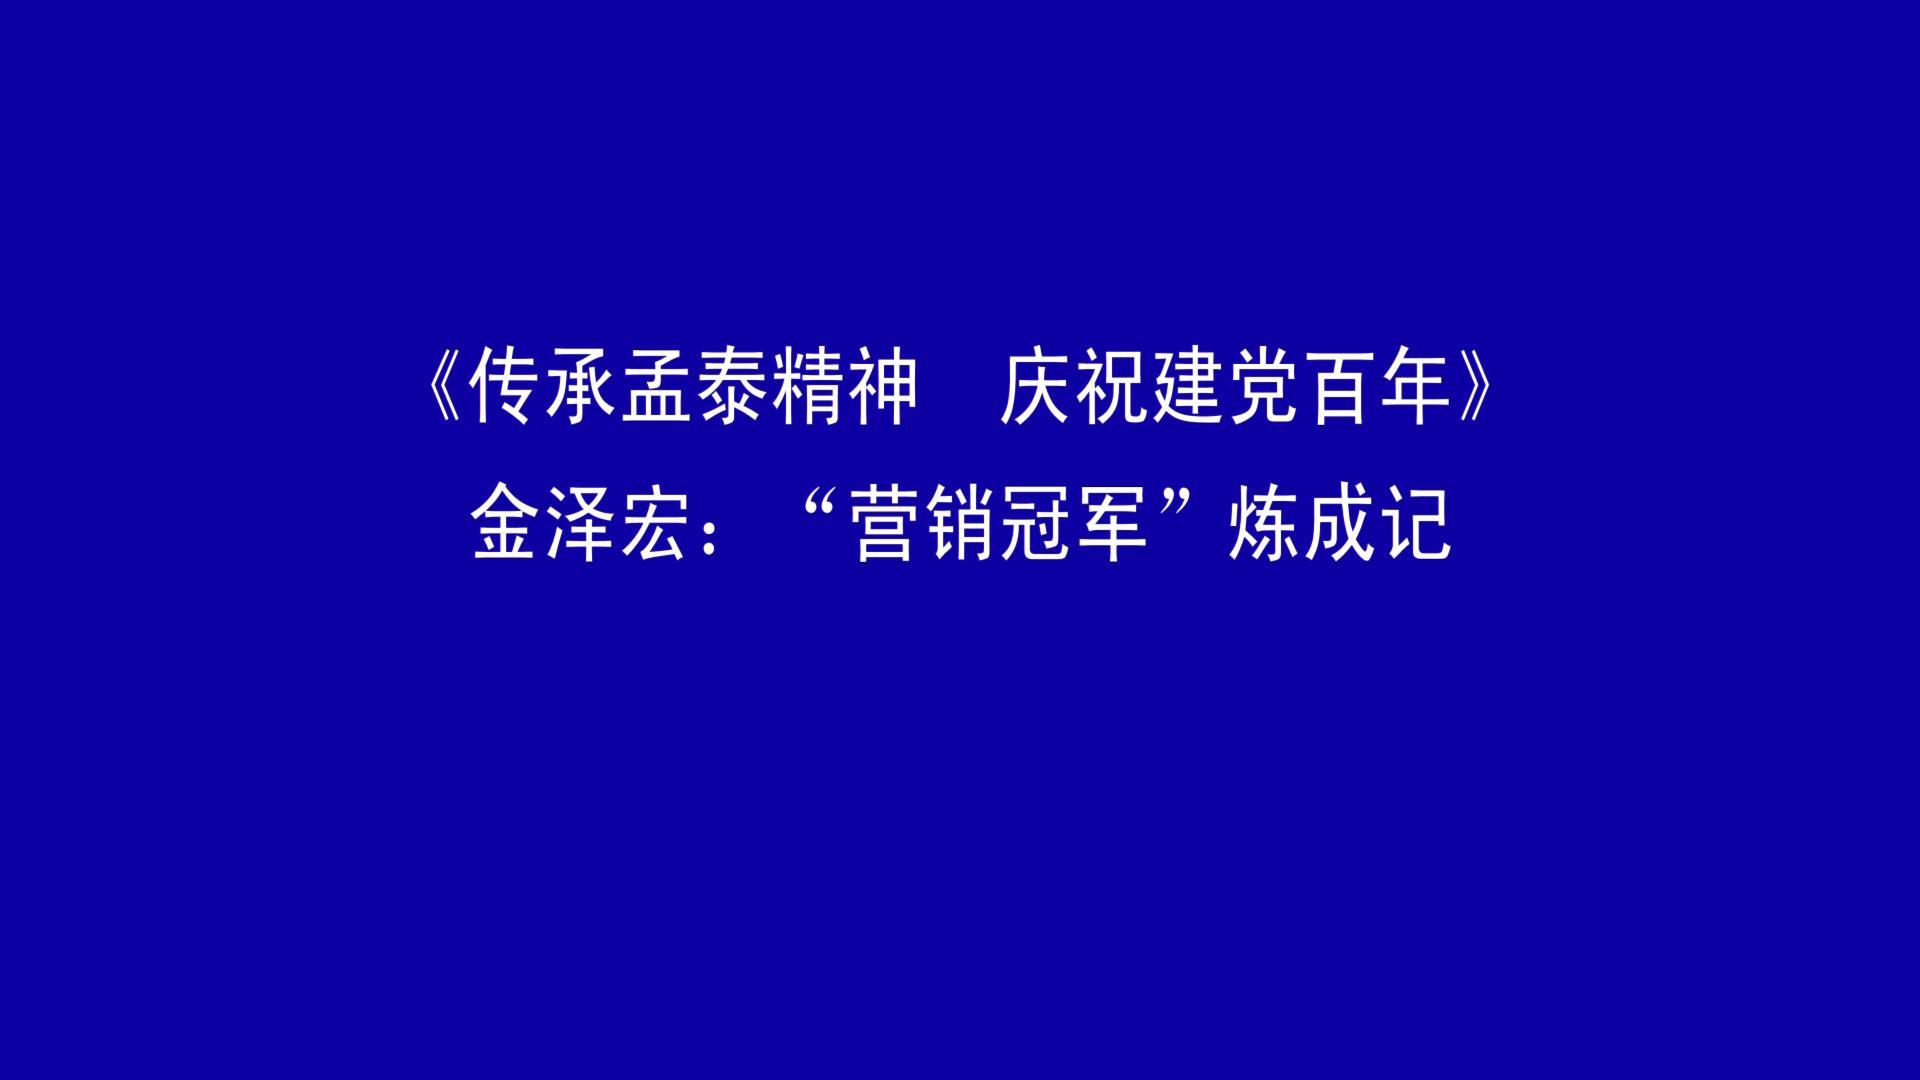 传承孟泰 金泽宏